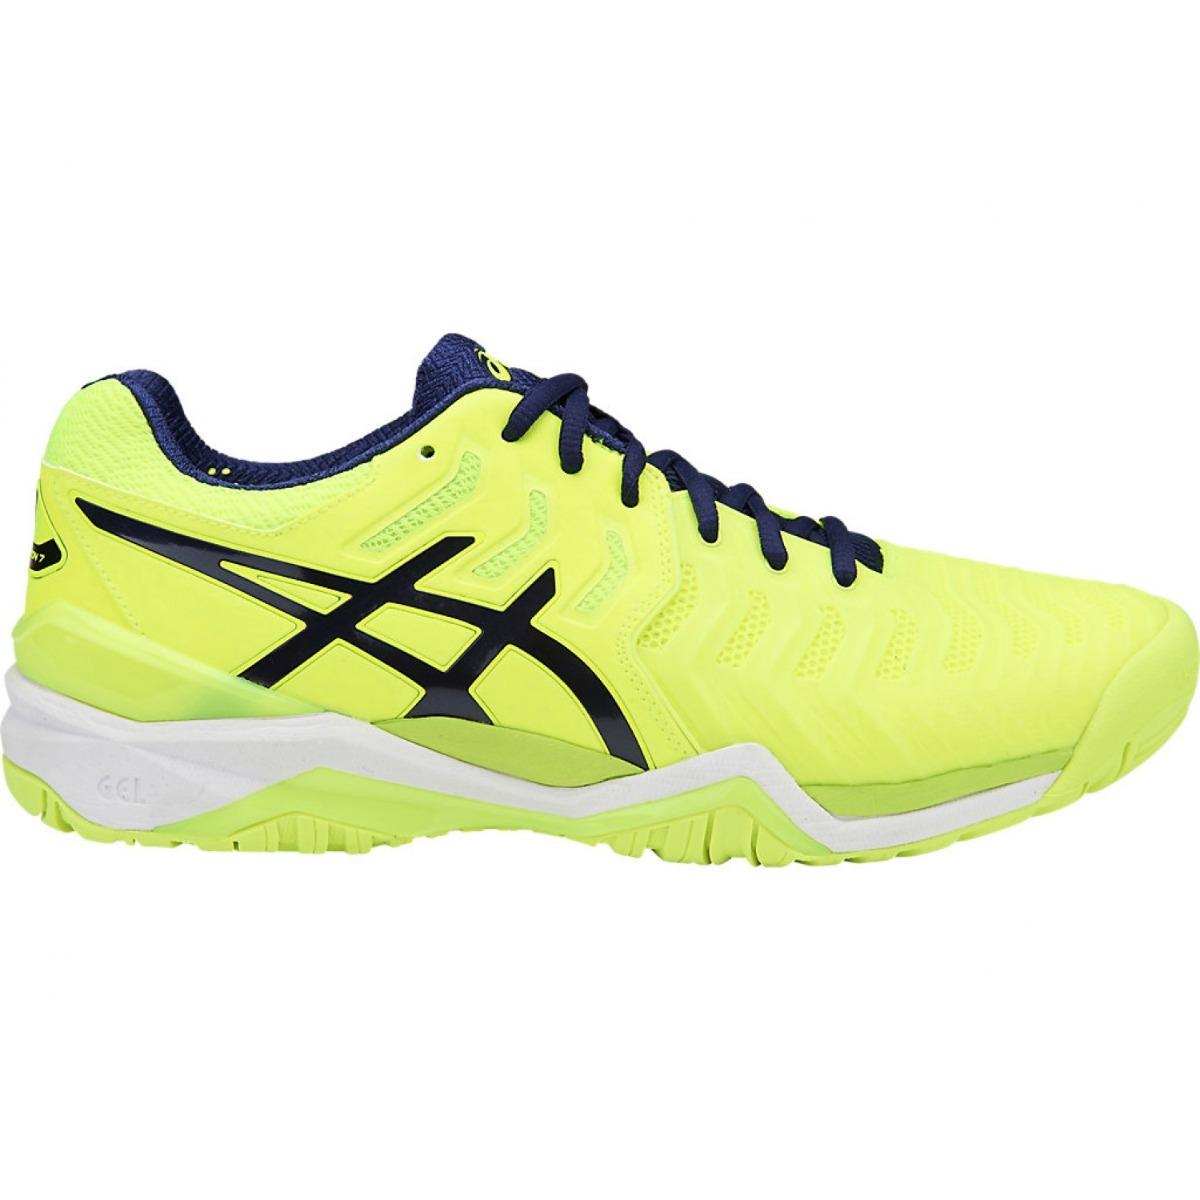 tênis asics gel resolution 7 novo masculino - todos os pisos. Carregando  zoom. 86ec48253a140